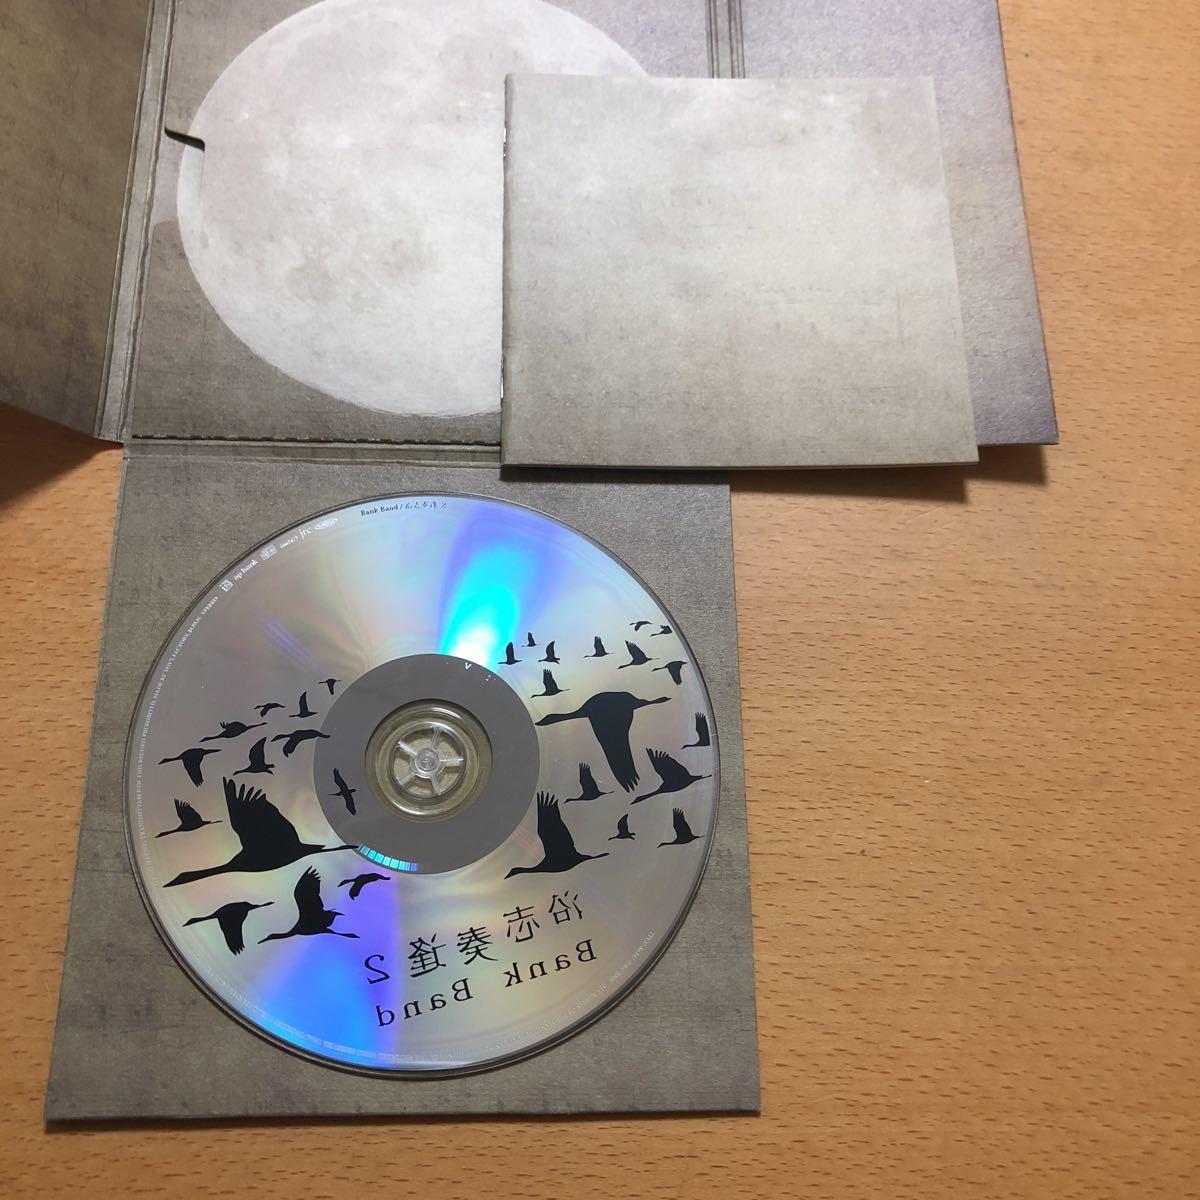 Bank Band『沿志奏逢 2』 CD☆美品☆アルバム☆Mr.Children☆ミスチル☆58_画像3